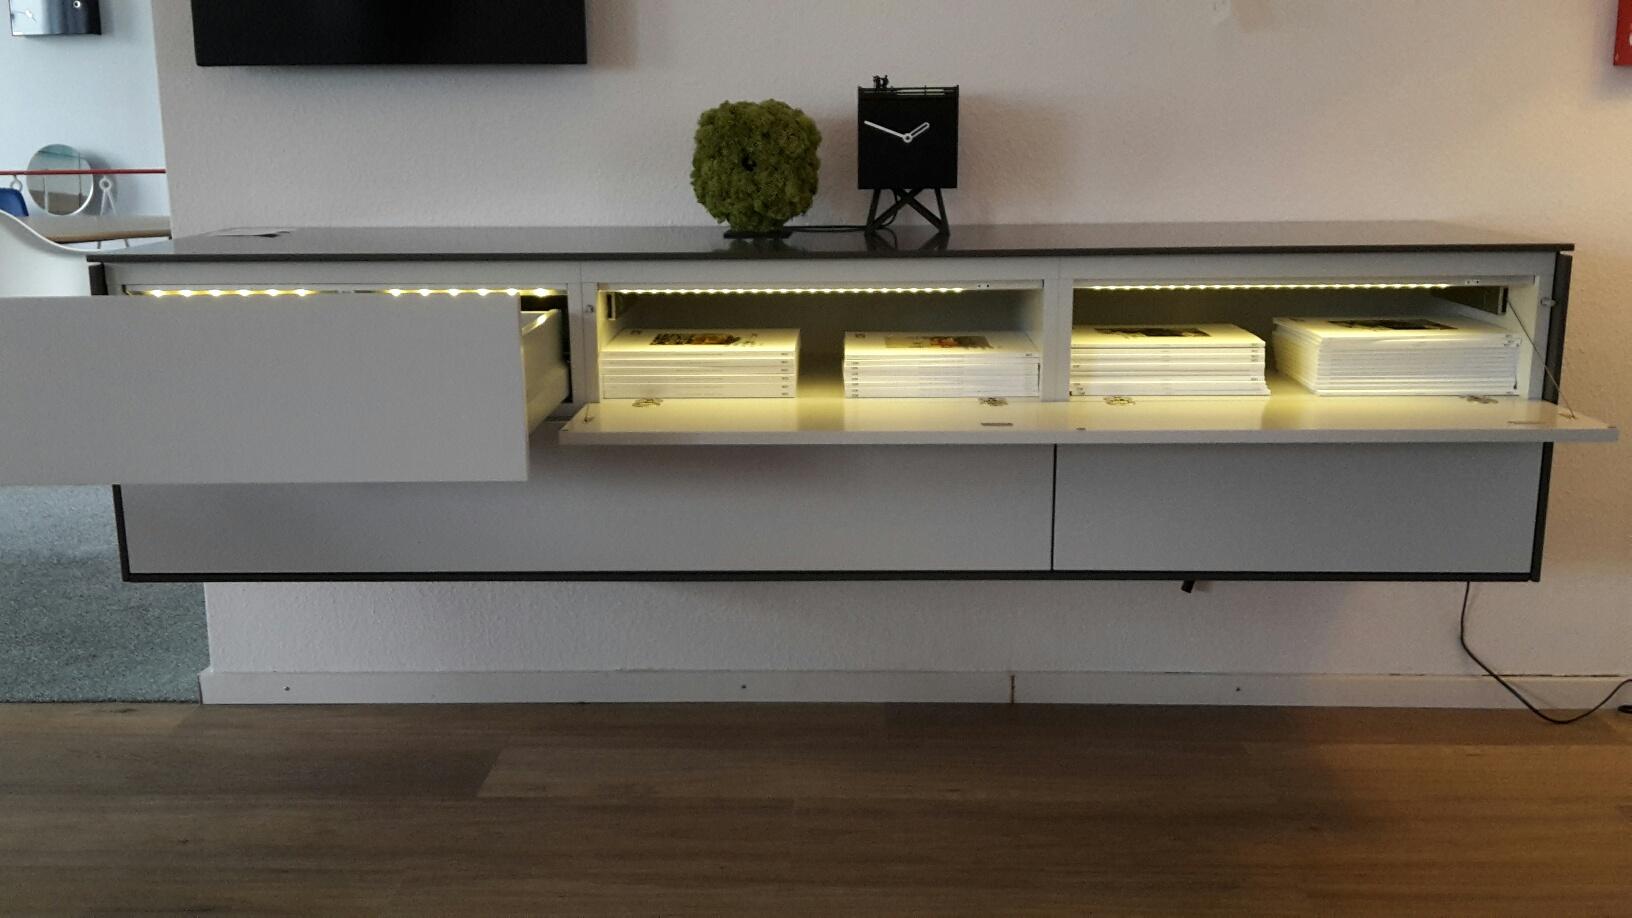 wandkast Interlübke, model Cube Fine - Ploemen Interieur